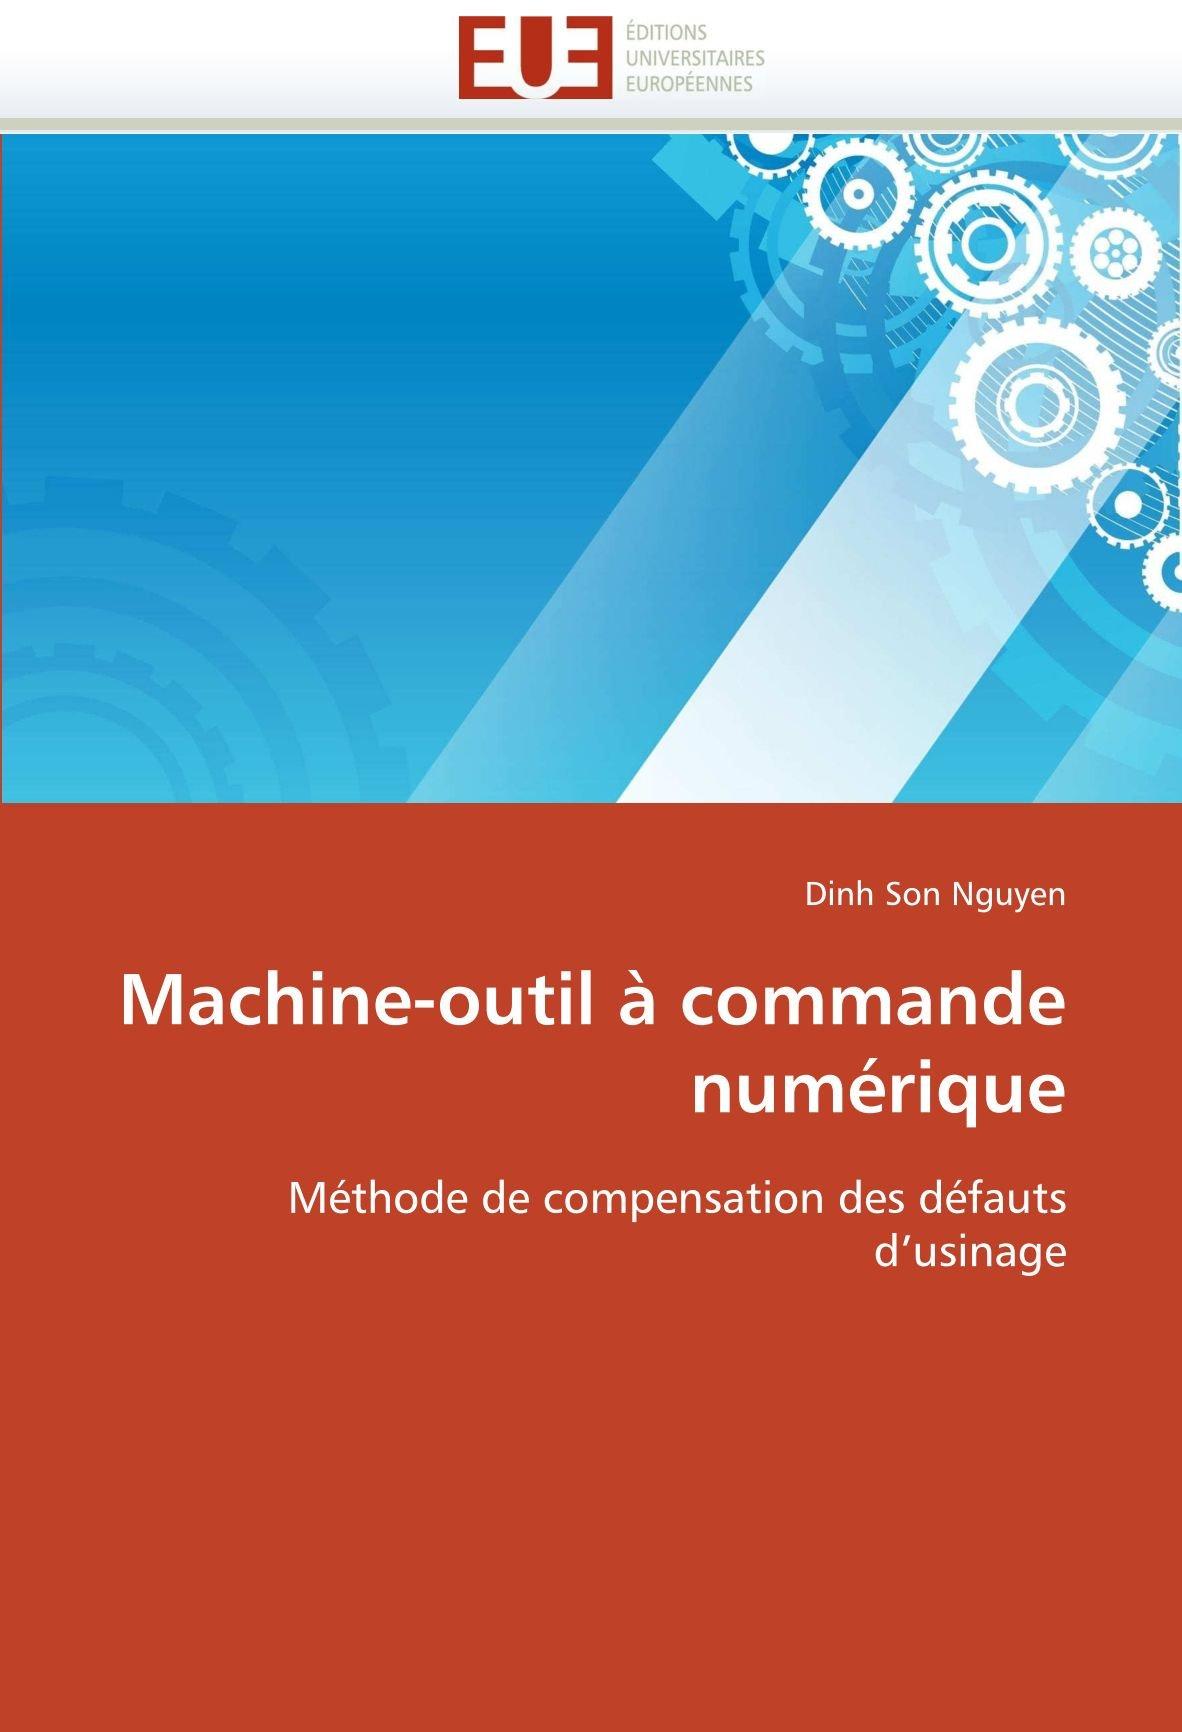 Machine-outil à commande numérique Broché – 3 août 2011 Dinh Son Nguyen Univ Européenne 6131588538 Essais littéraires